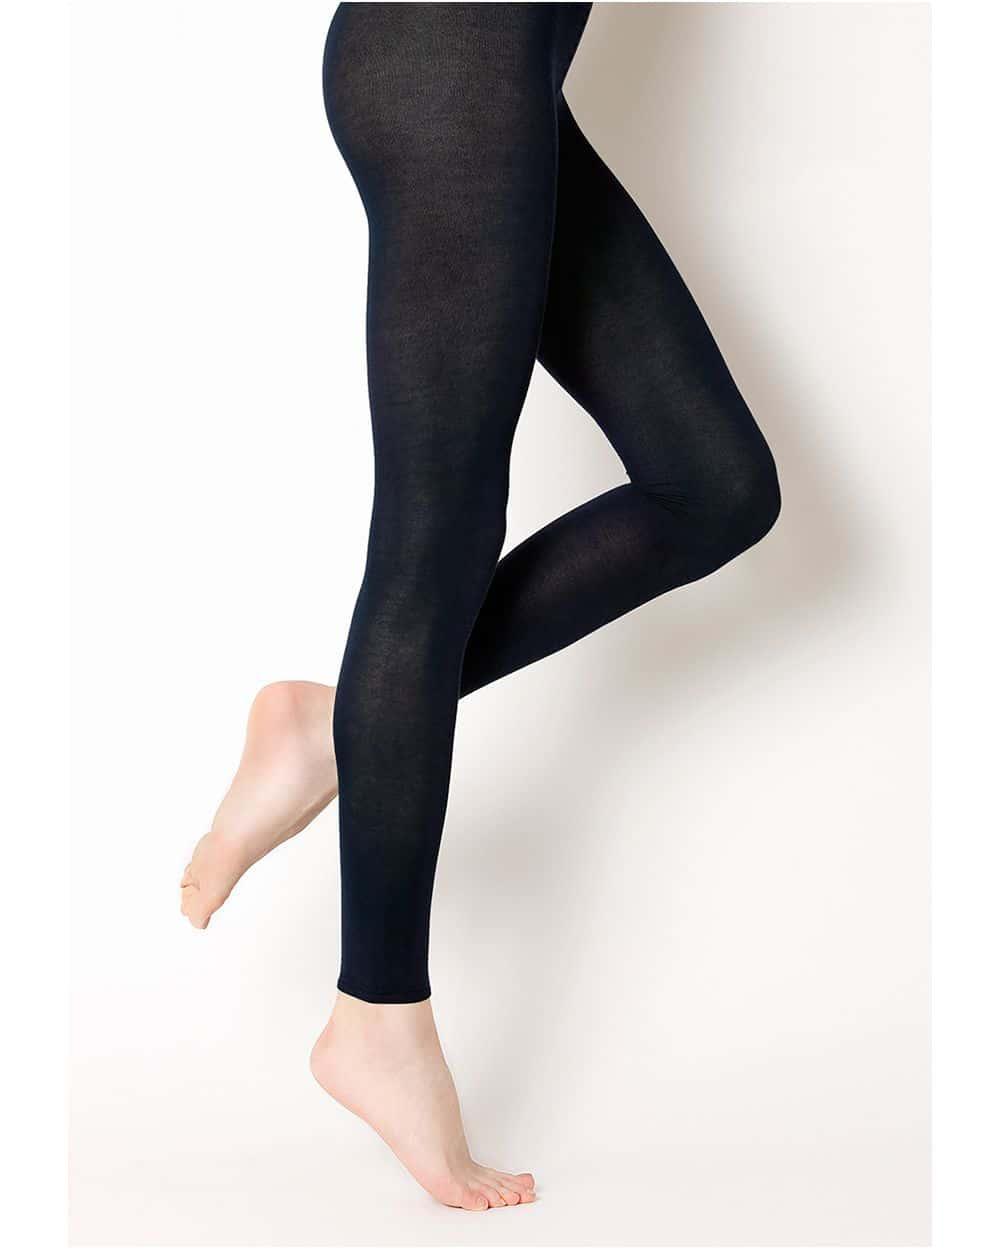 Legging anti-cellulite : est-ce un accessoire minceur ?